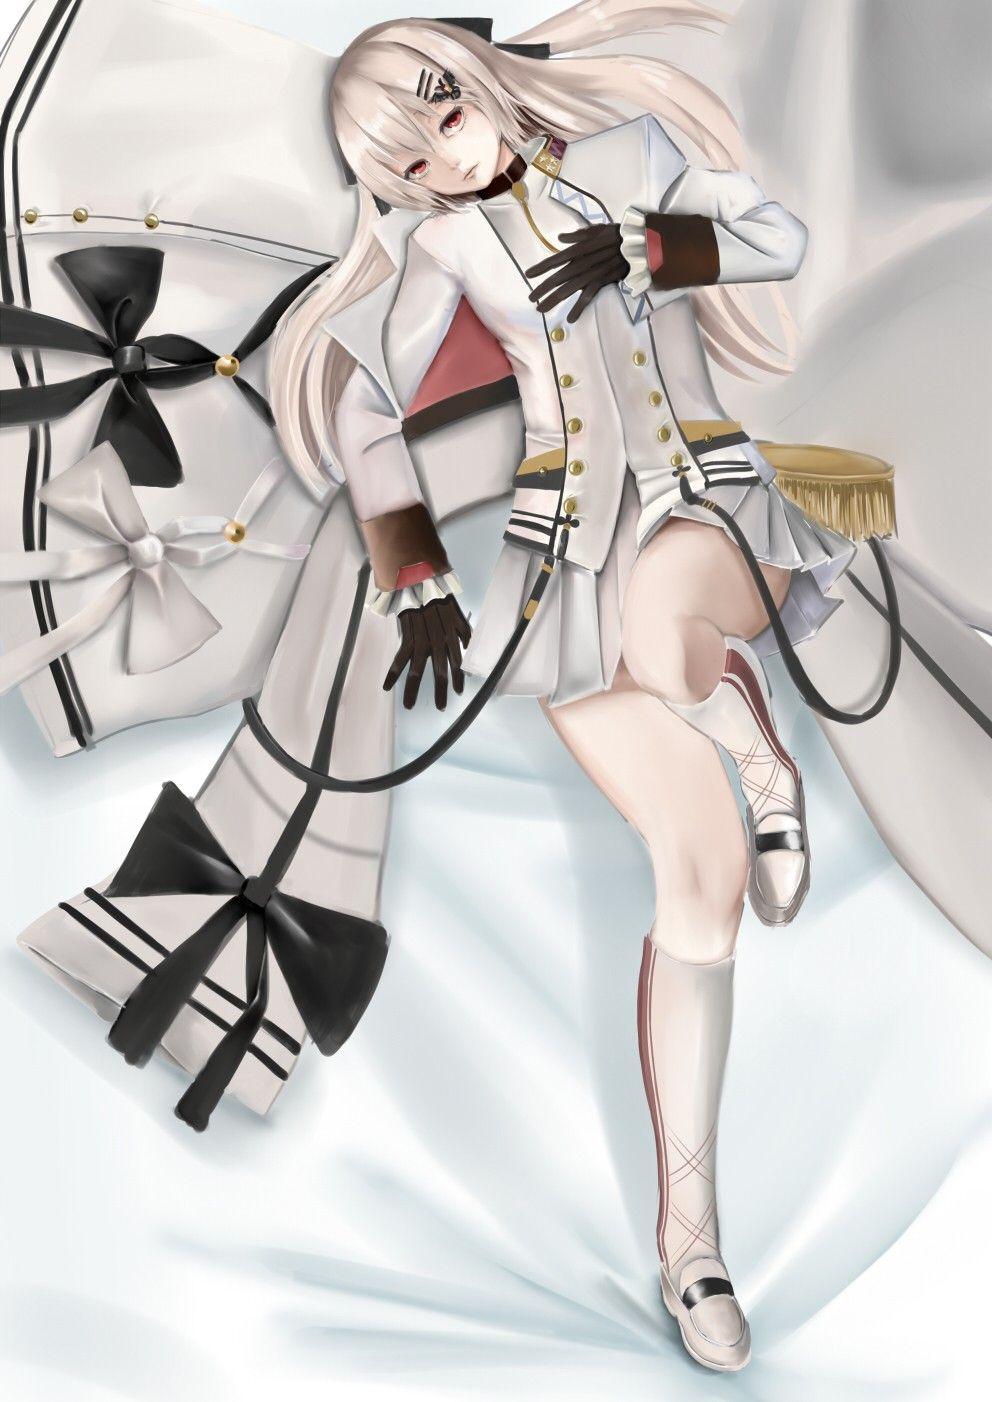 소녀전선에 있는 ronaldharris님의 핀 애니메이션 아트, 애니메이션, 아트